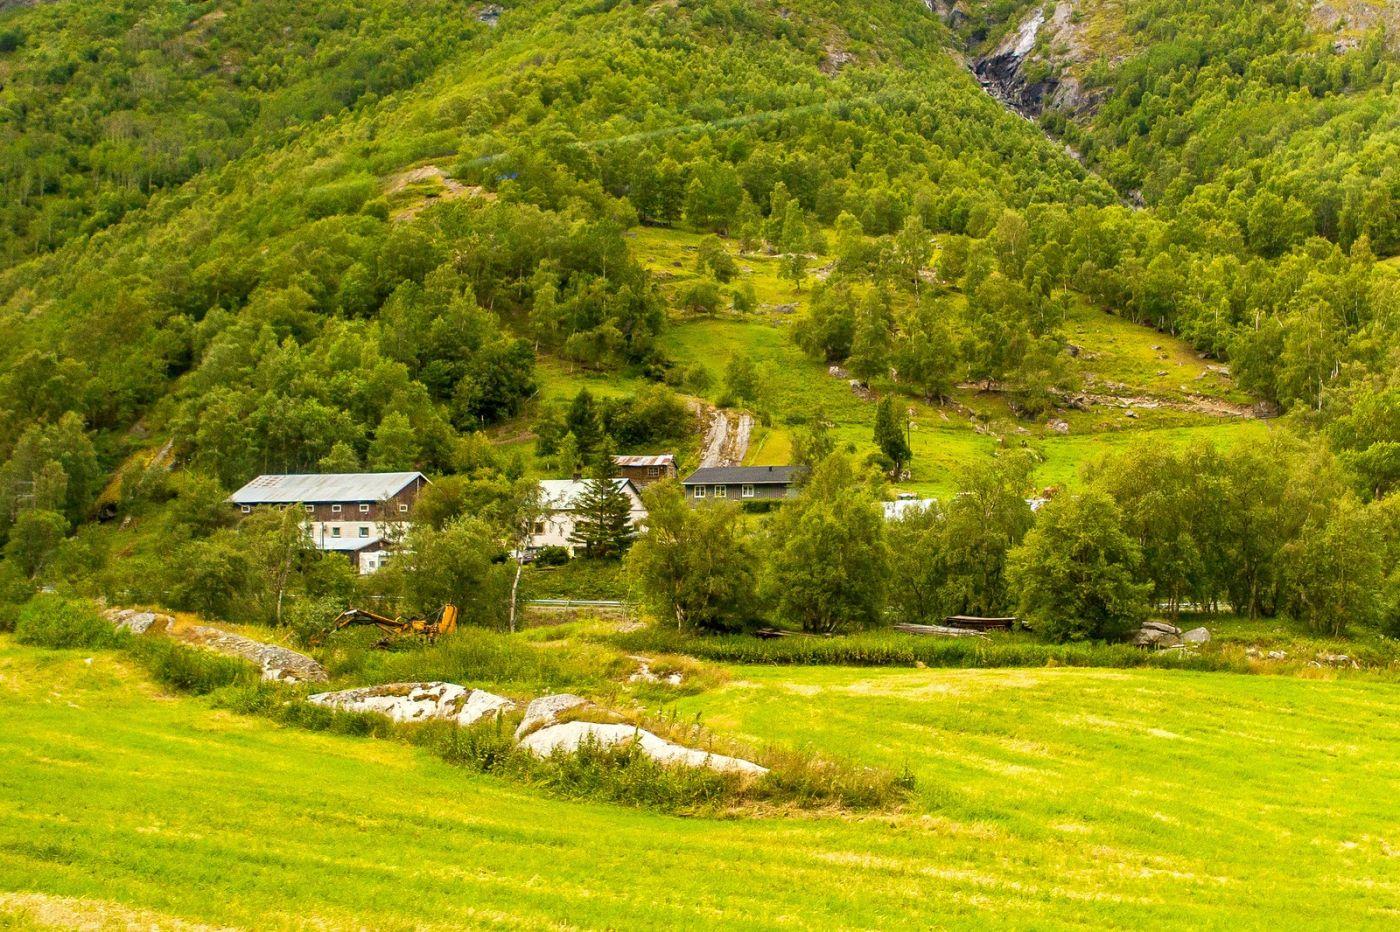 北欧旅途,美丽的田园_图1-39